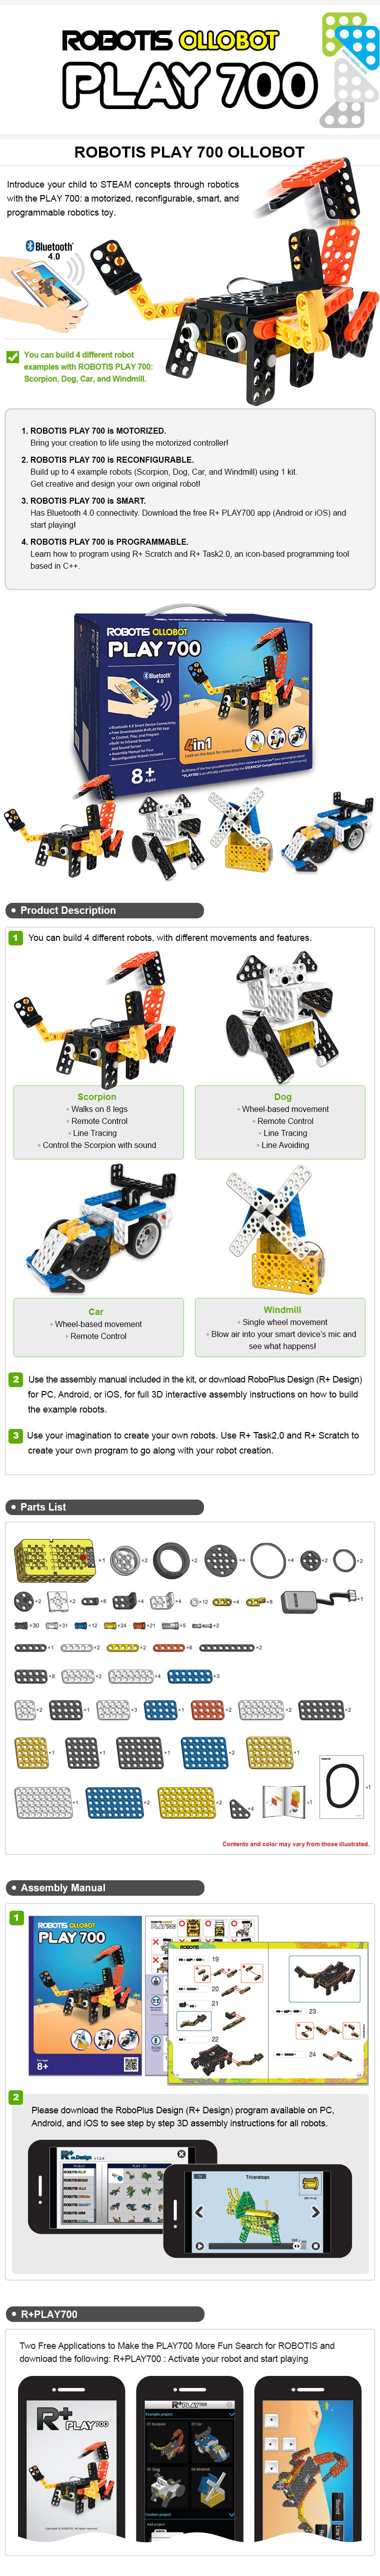 robotis-play700-ollobot-info-en-ver1811.jpg